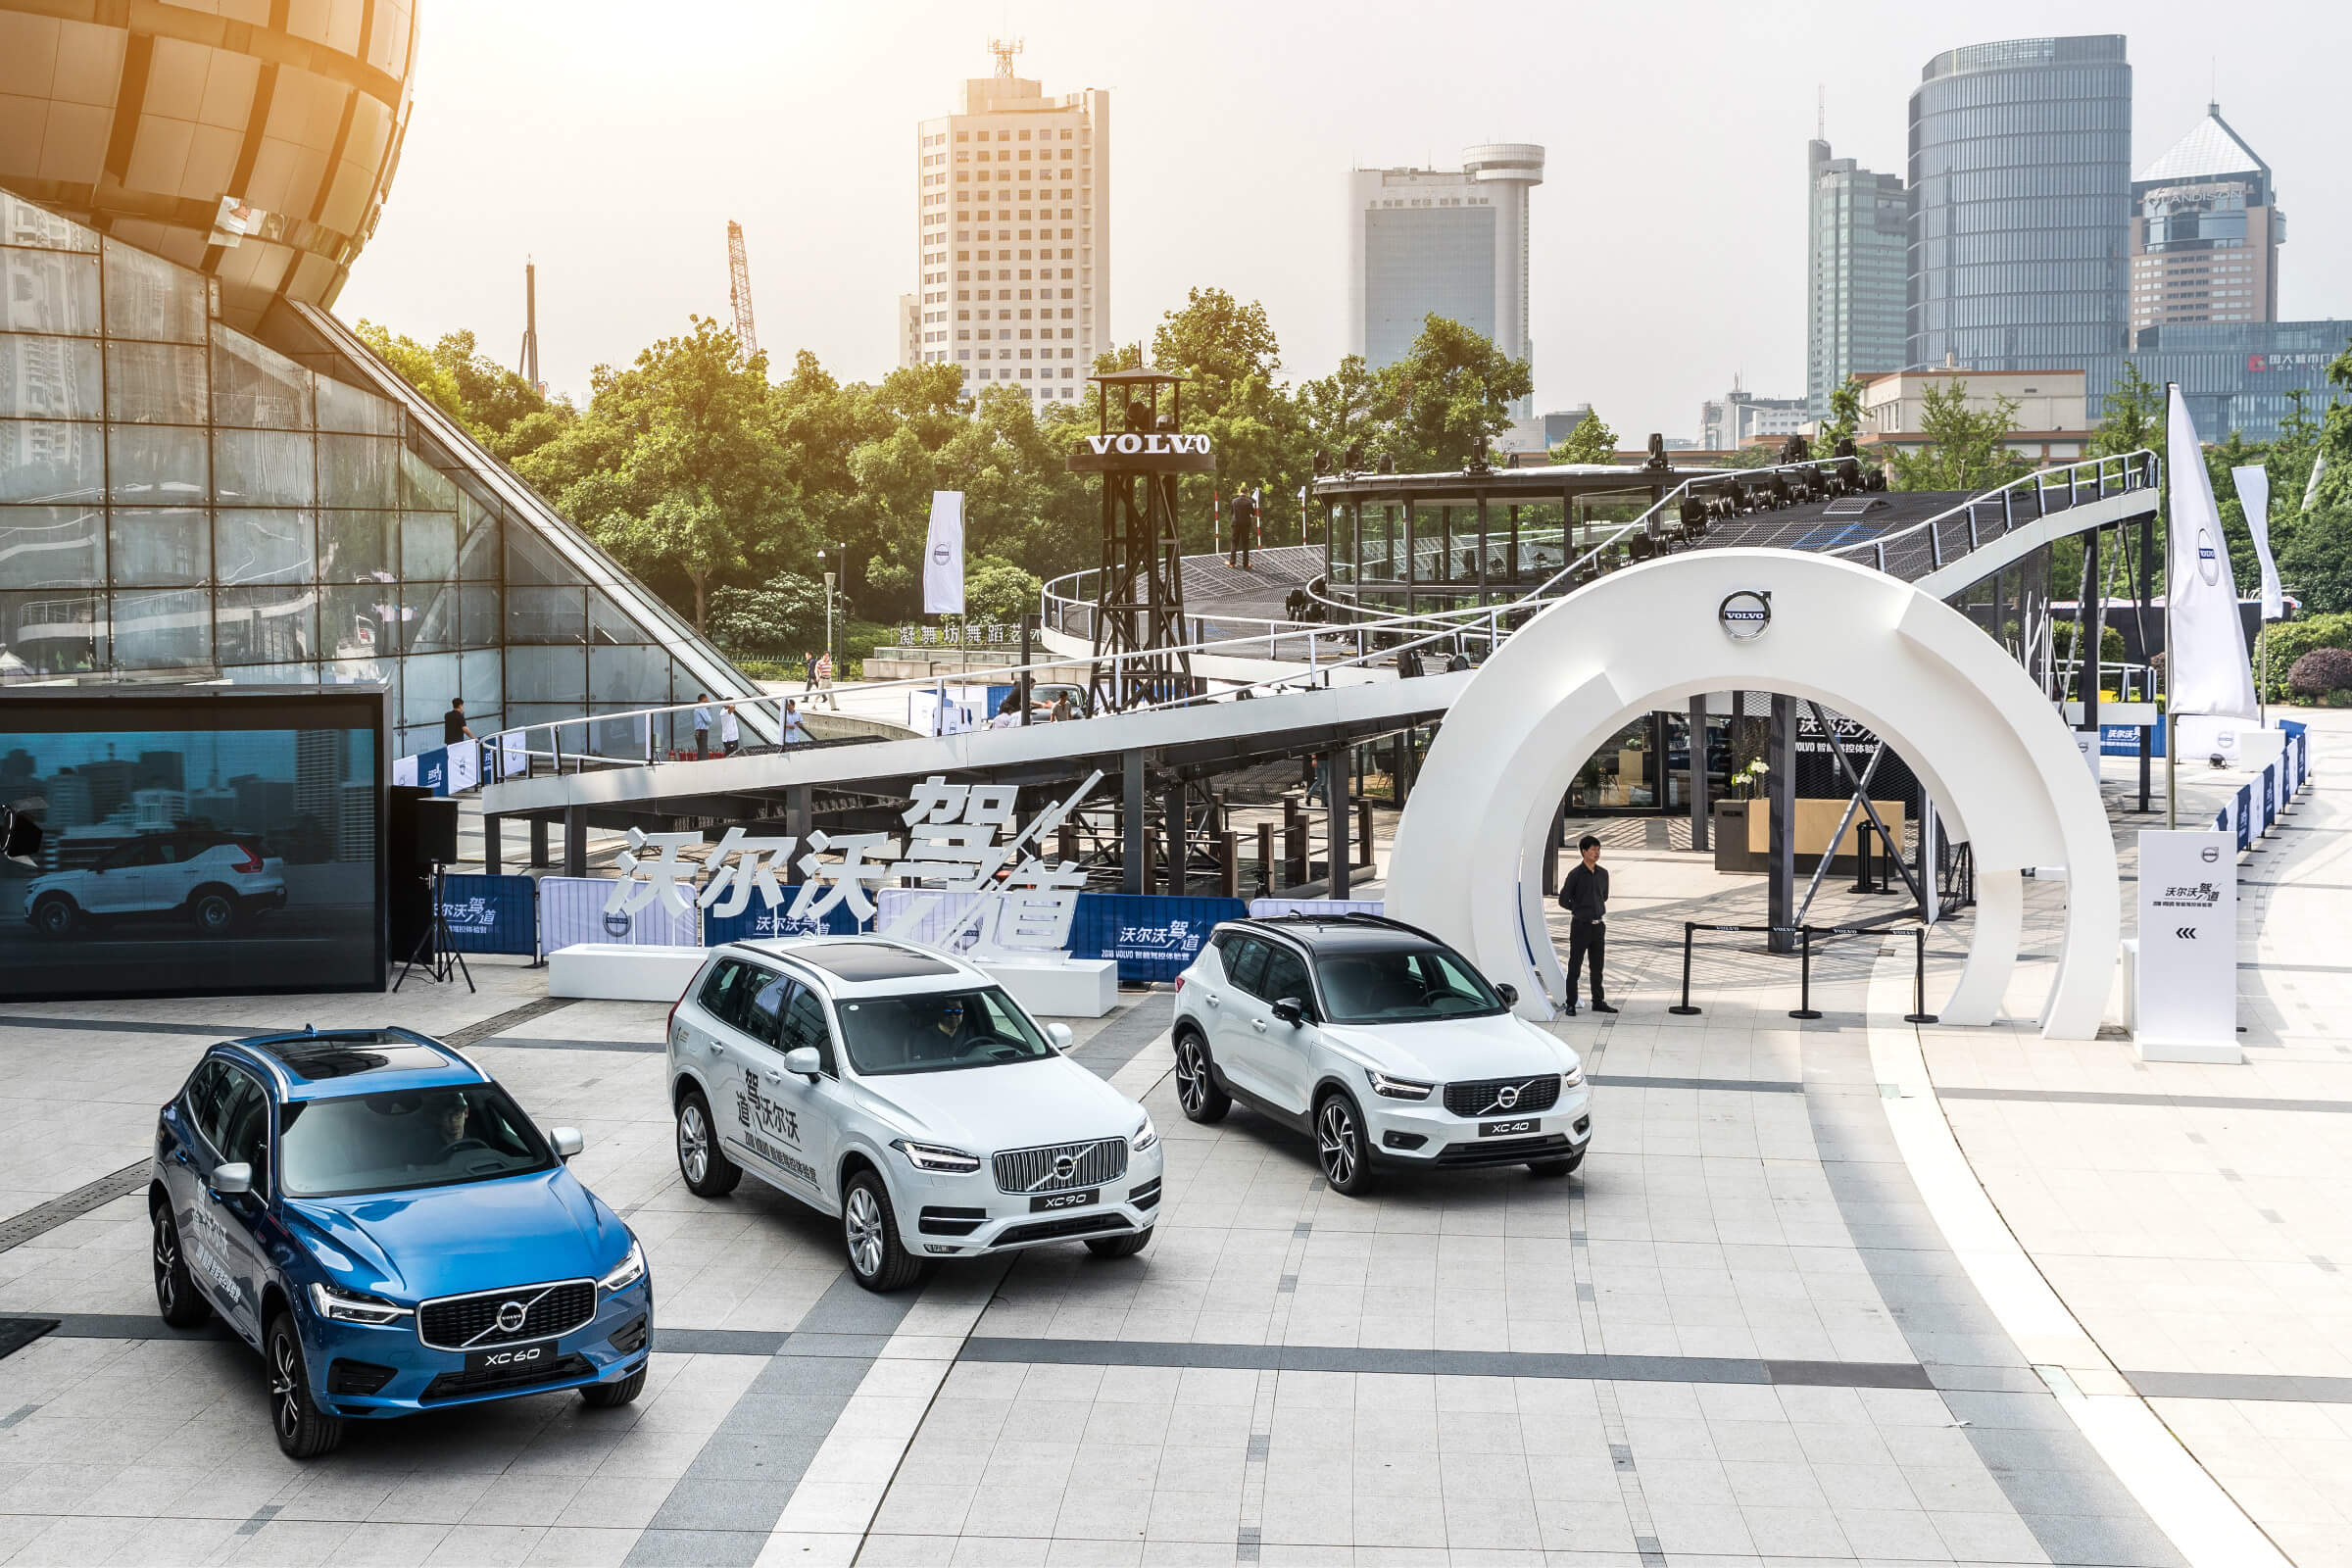 沃尔沃驾道登陆杭州2018沃尔沃智能驾控体验营正式启动